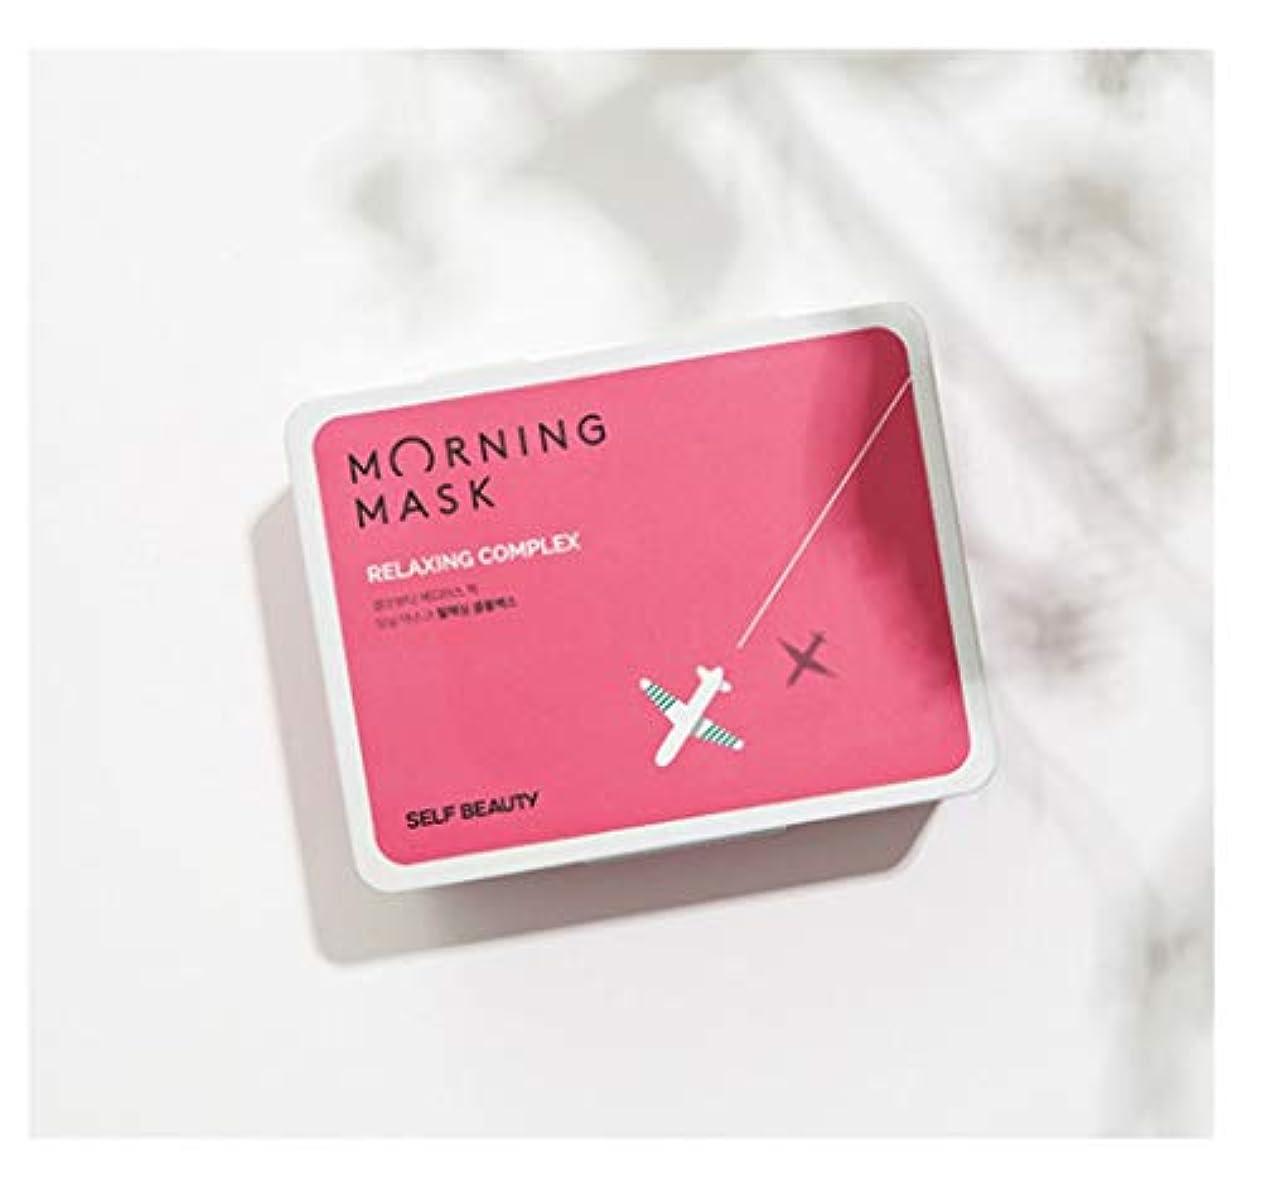 災害防ぐ船上Self Beauty Morning Mask Relaxing Complex 1Box/30Sheetメイクアップの前にモーニングマスク、疲れた肌のための鎮静ケア(海外直送)